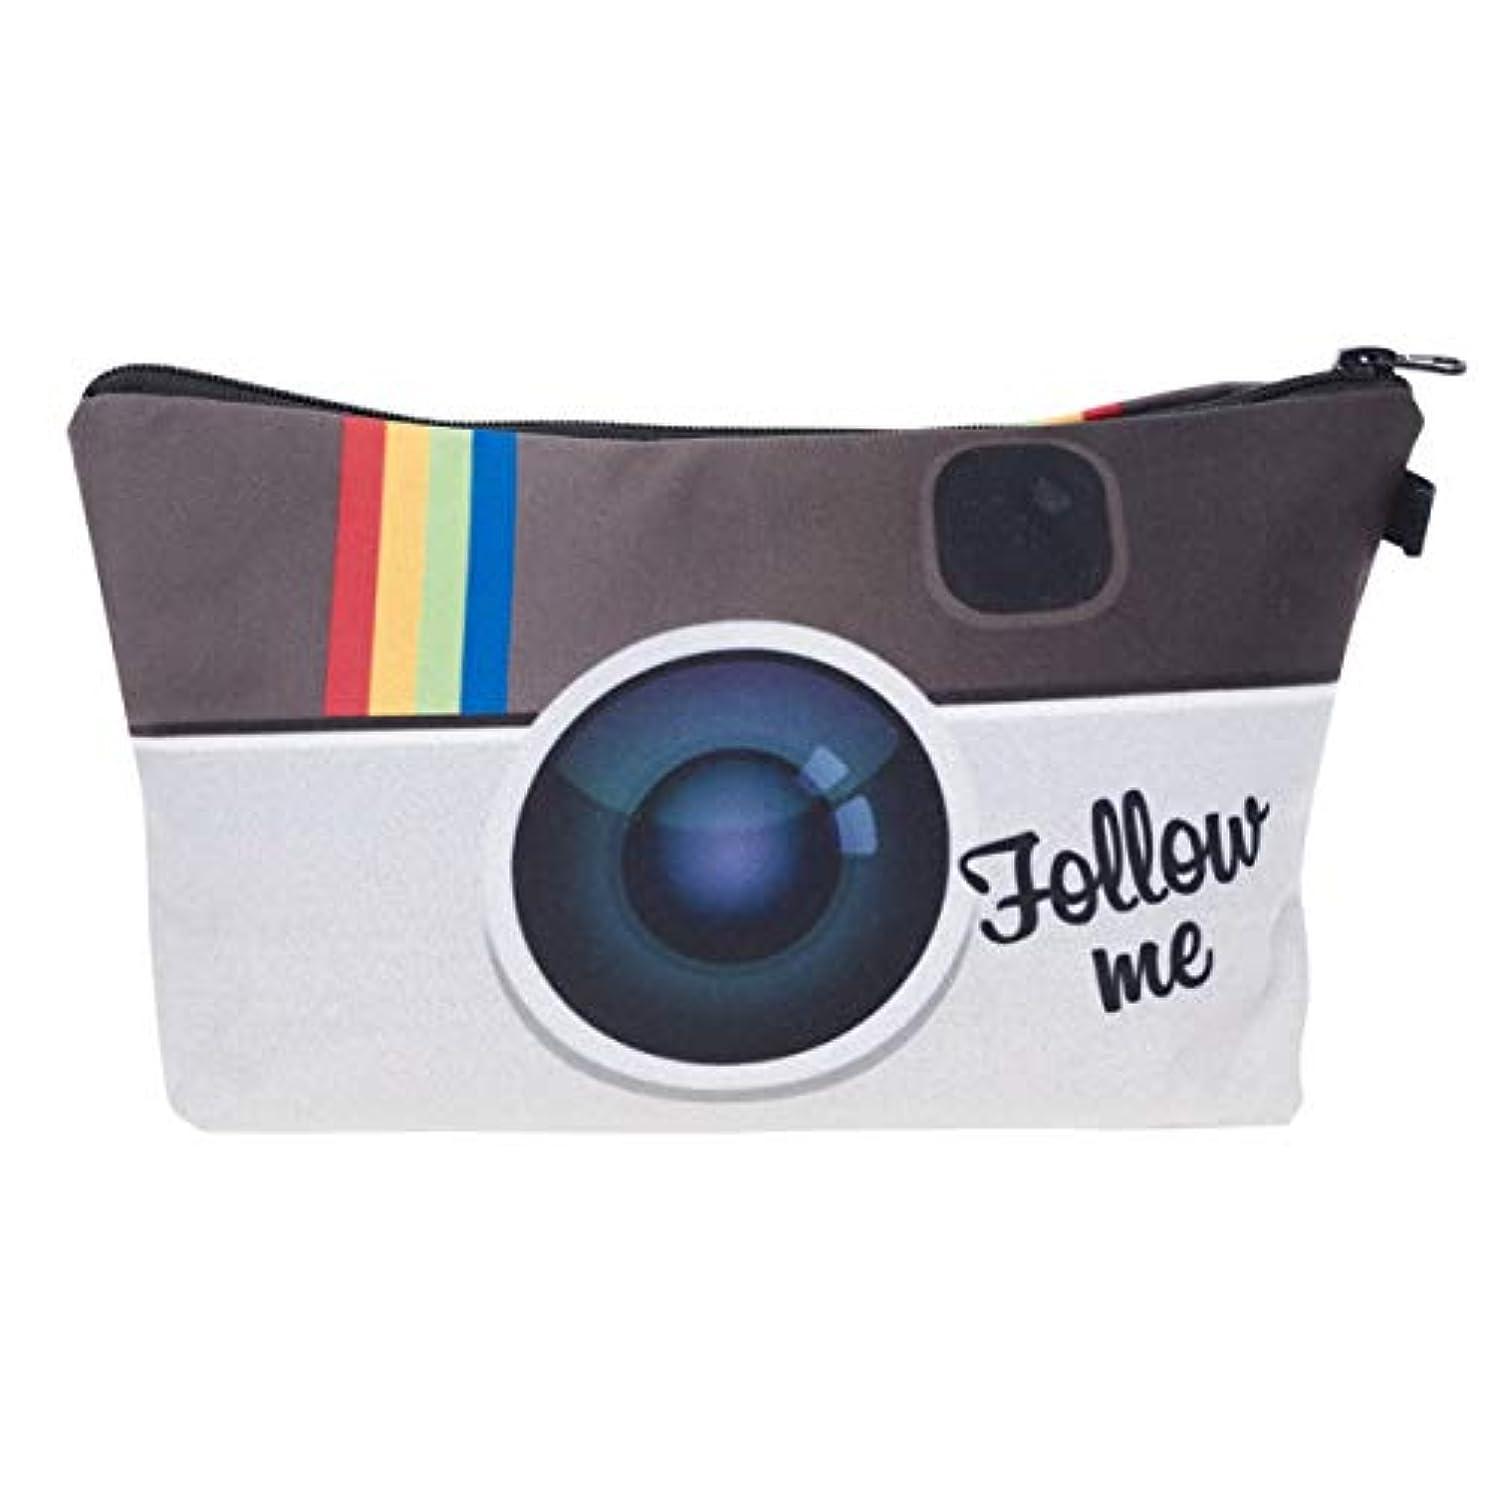 木曜日お茶アレキサンダーグラハムベルwijaso 丈夫な3 D印刷カメラは、旅行化粧バッグのために化粧品バッグ多機能を投げます(None 01)